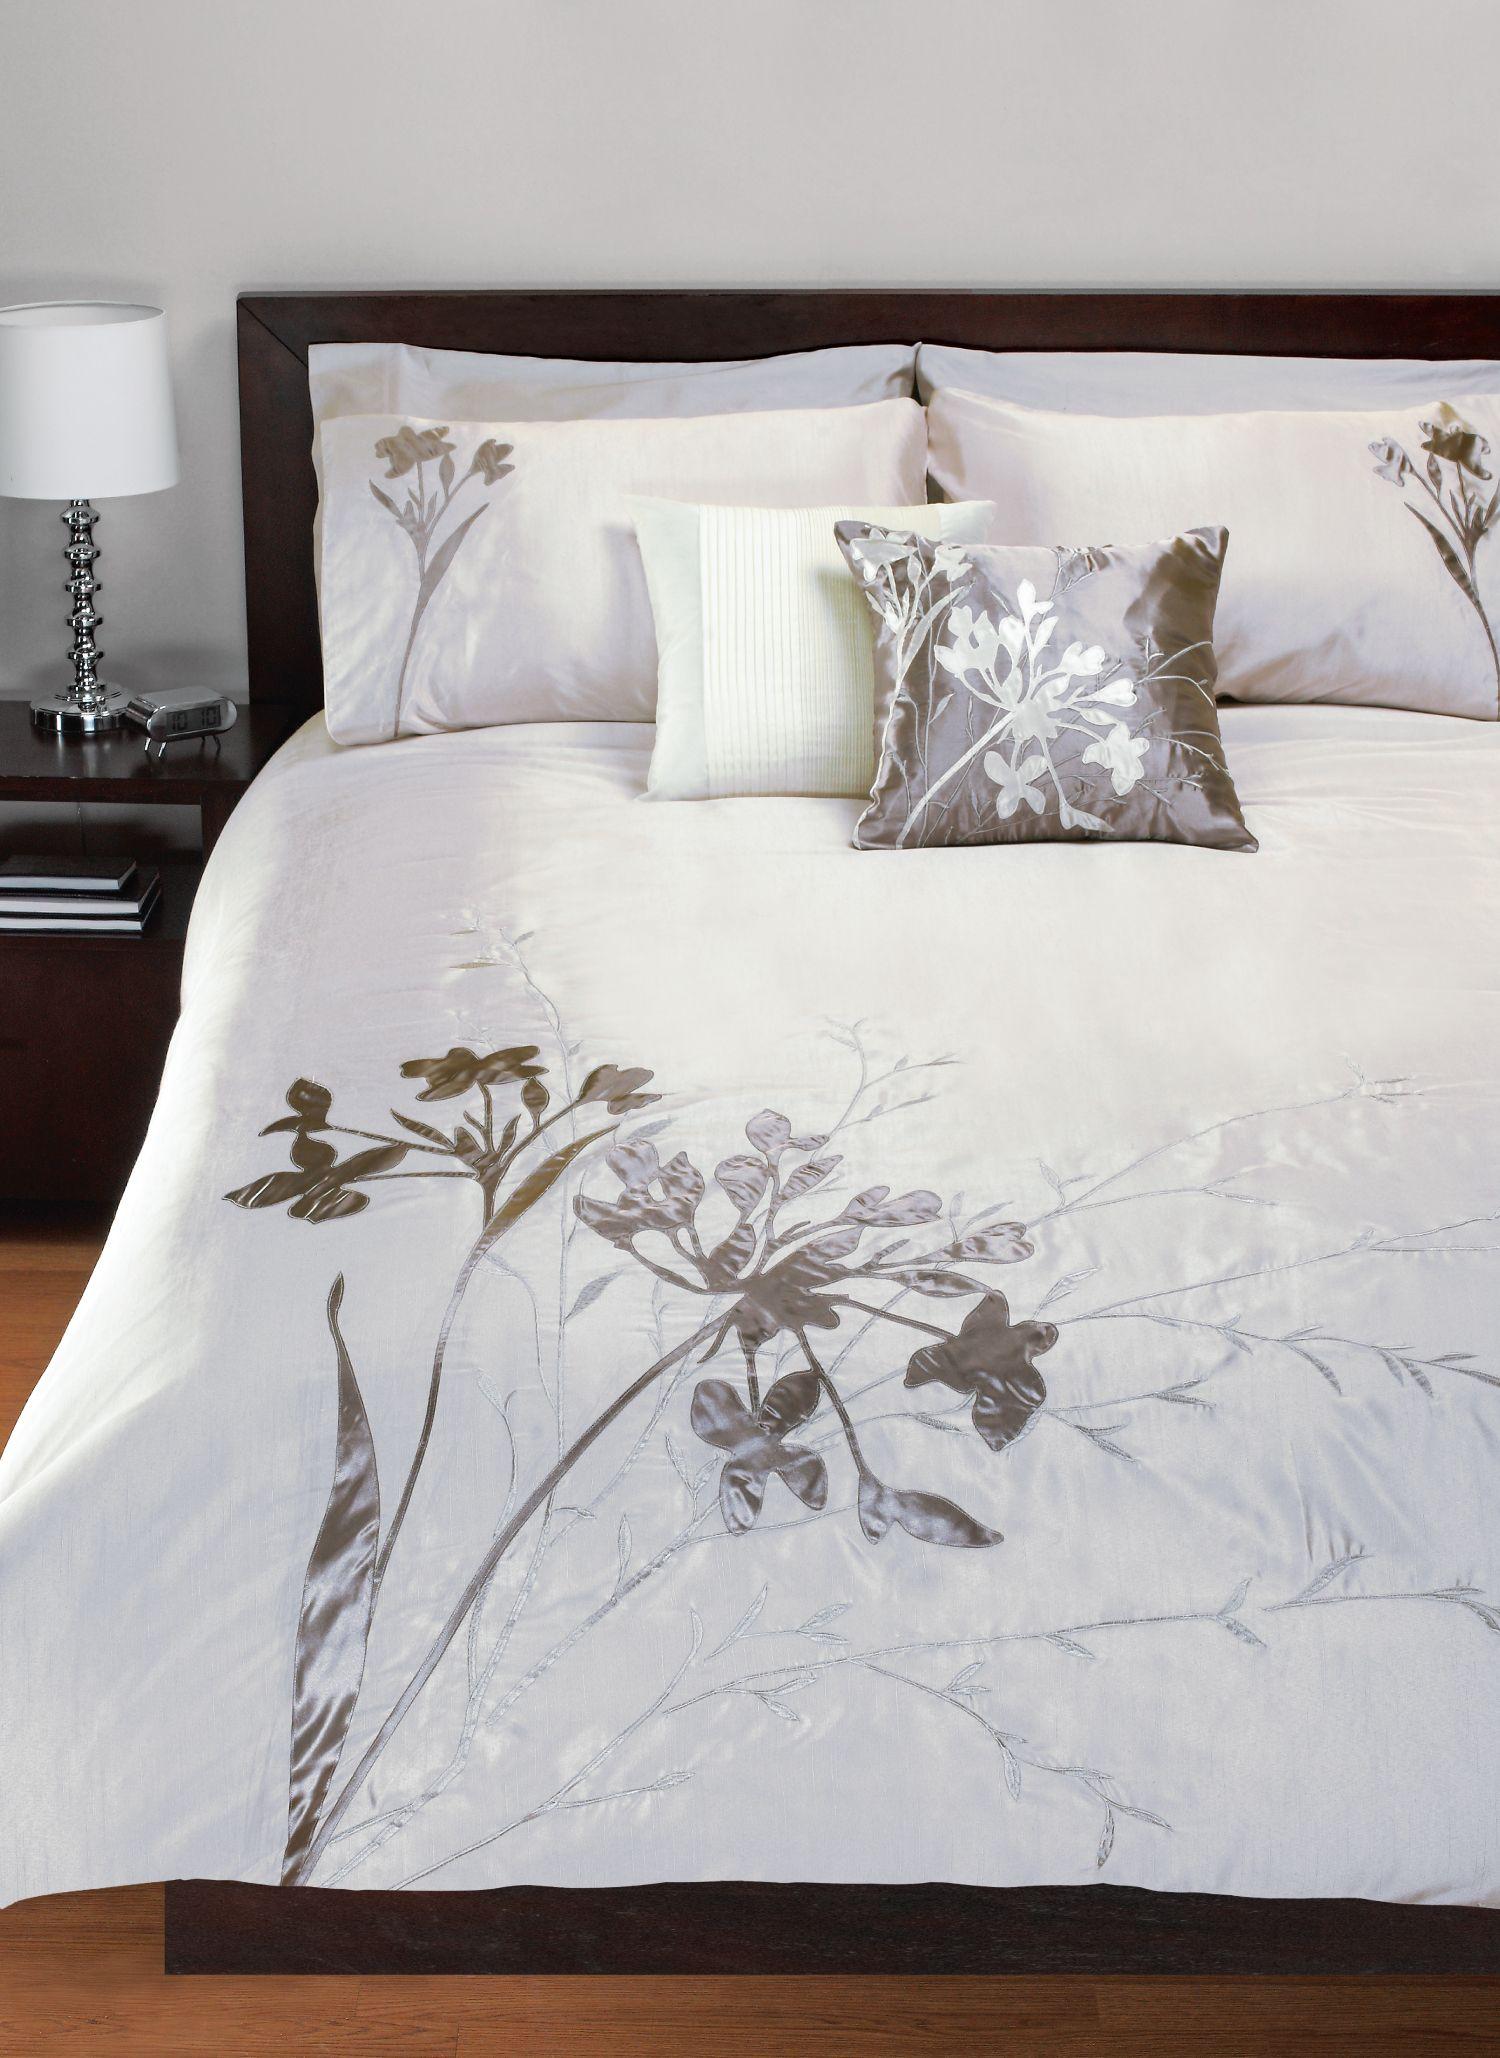 ice meadow 3 piece duvet cover set ensemble de housse de couette 3 morceaux. Black Bedroom Furniture Sets. Home Design Ideas